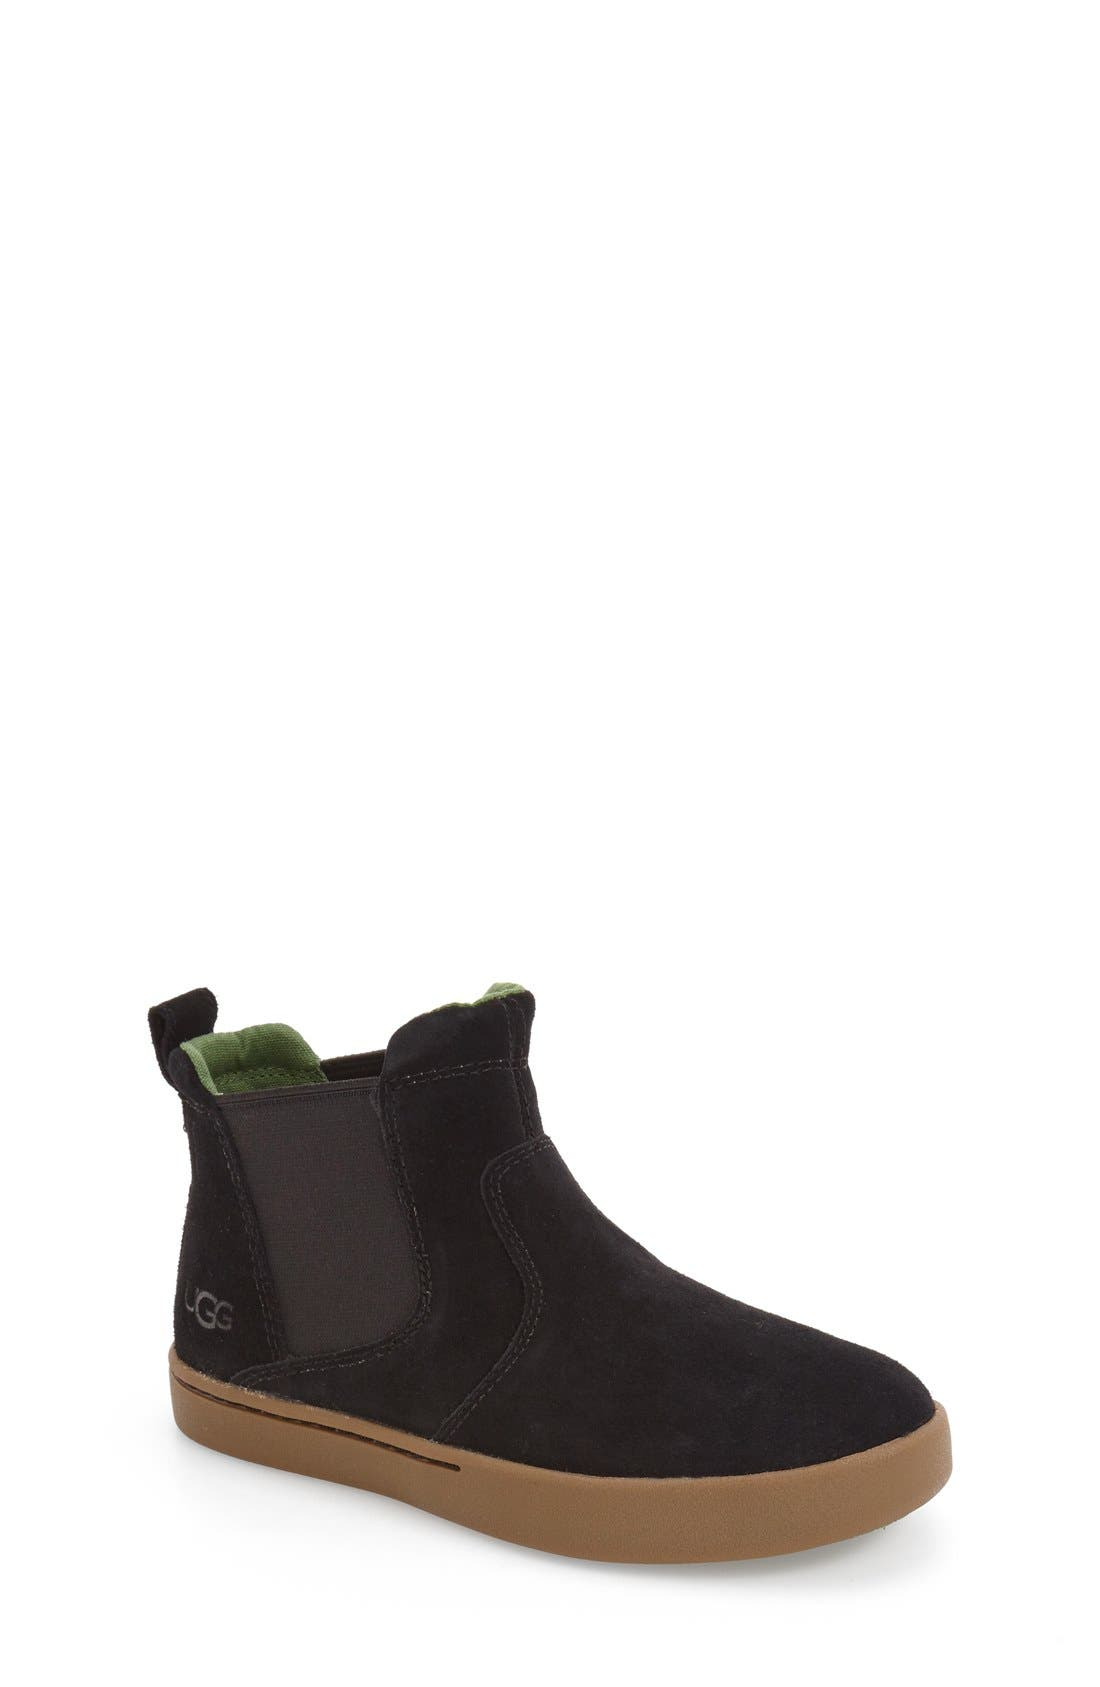 Hamden Sneaker,                         Main,                         color, 001